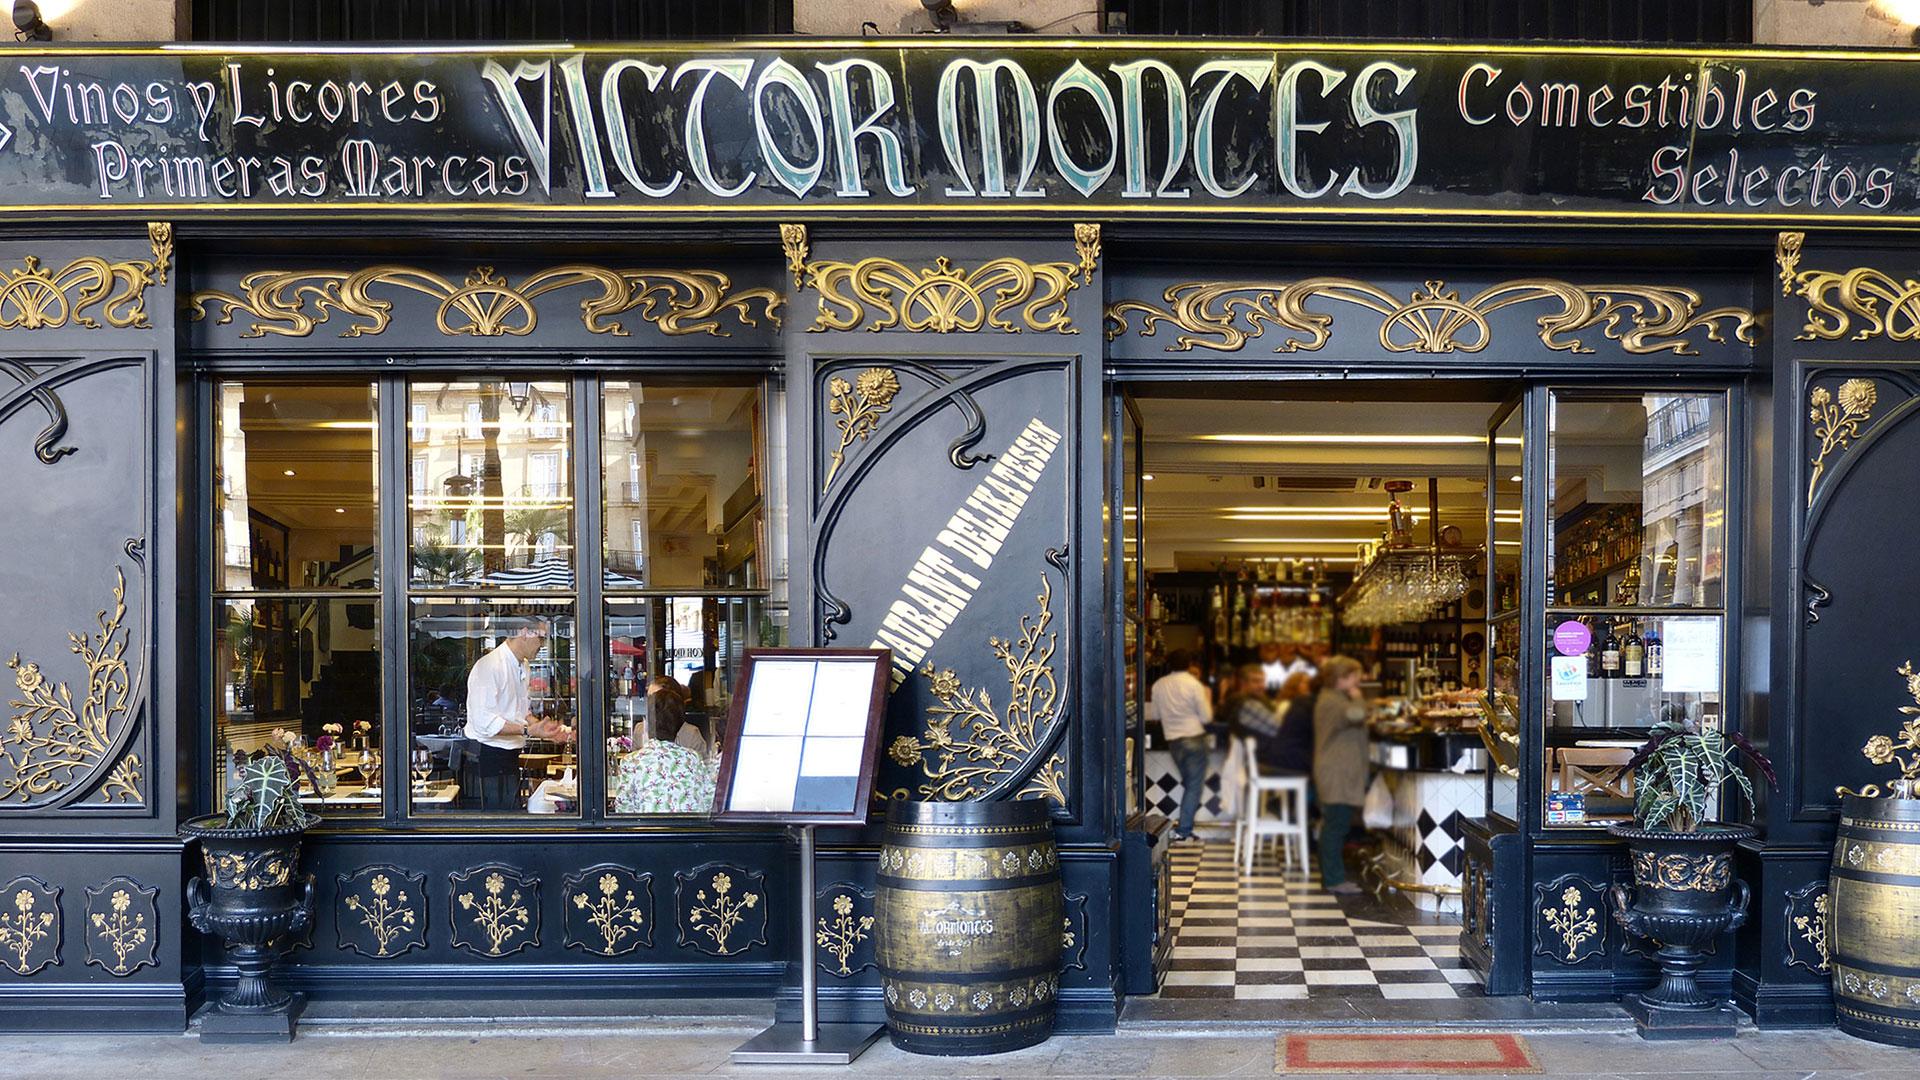 Historia Del Restaurante Victor Montes Desde 1849 Con Lo Mejor